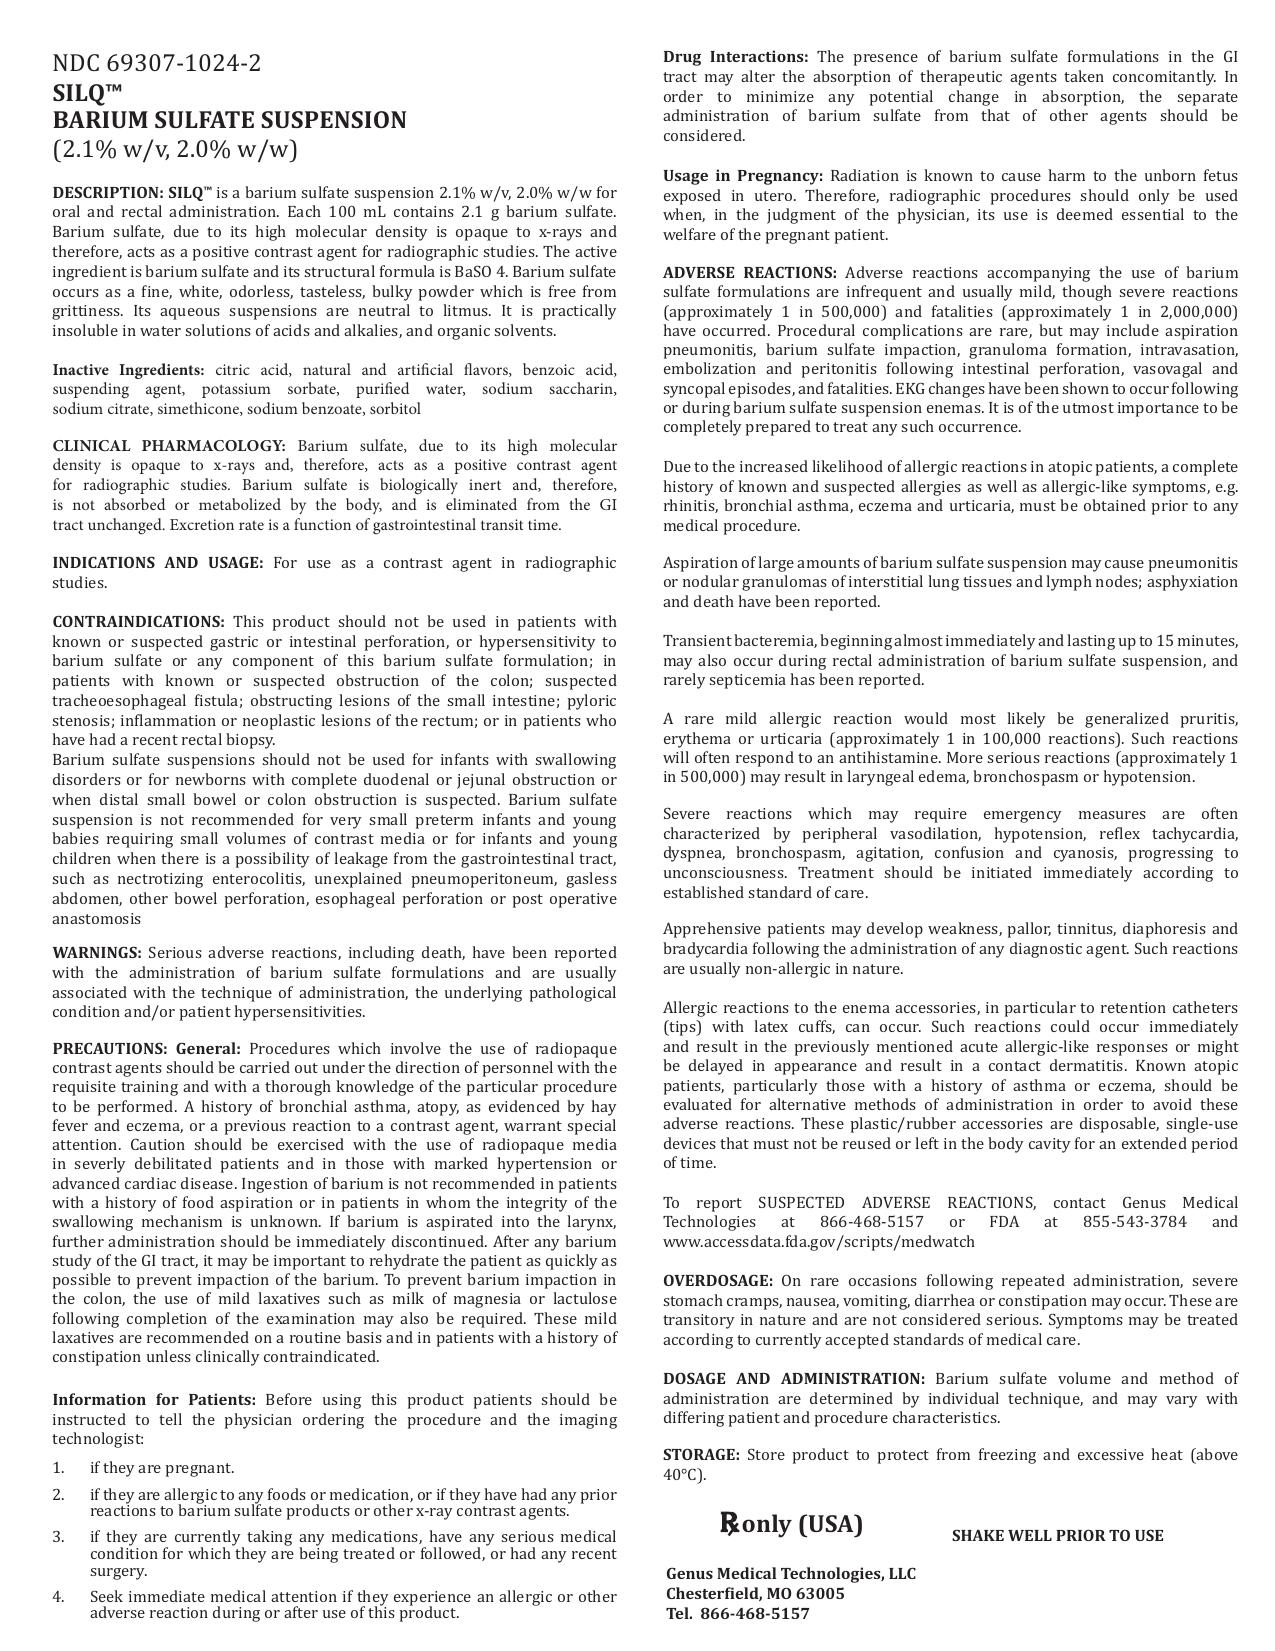 Ndc 69307 1024 2 Silq Barium Sulfate Suspension 2 1